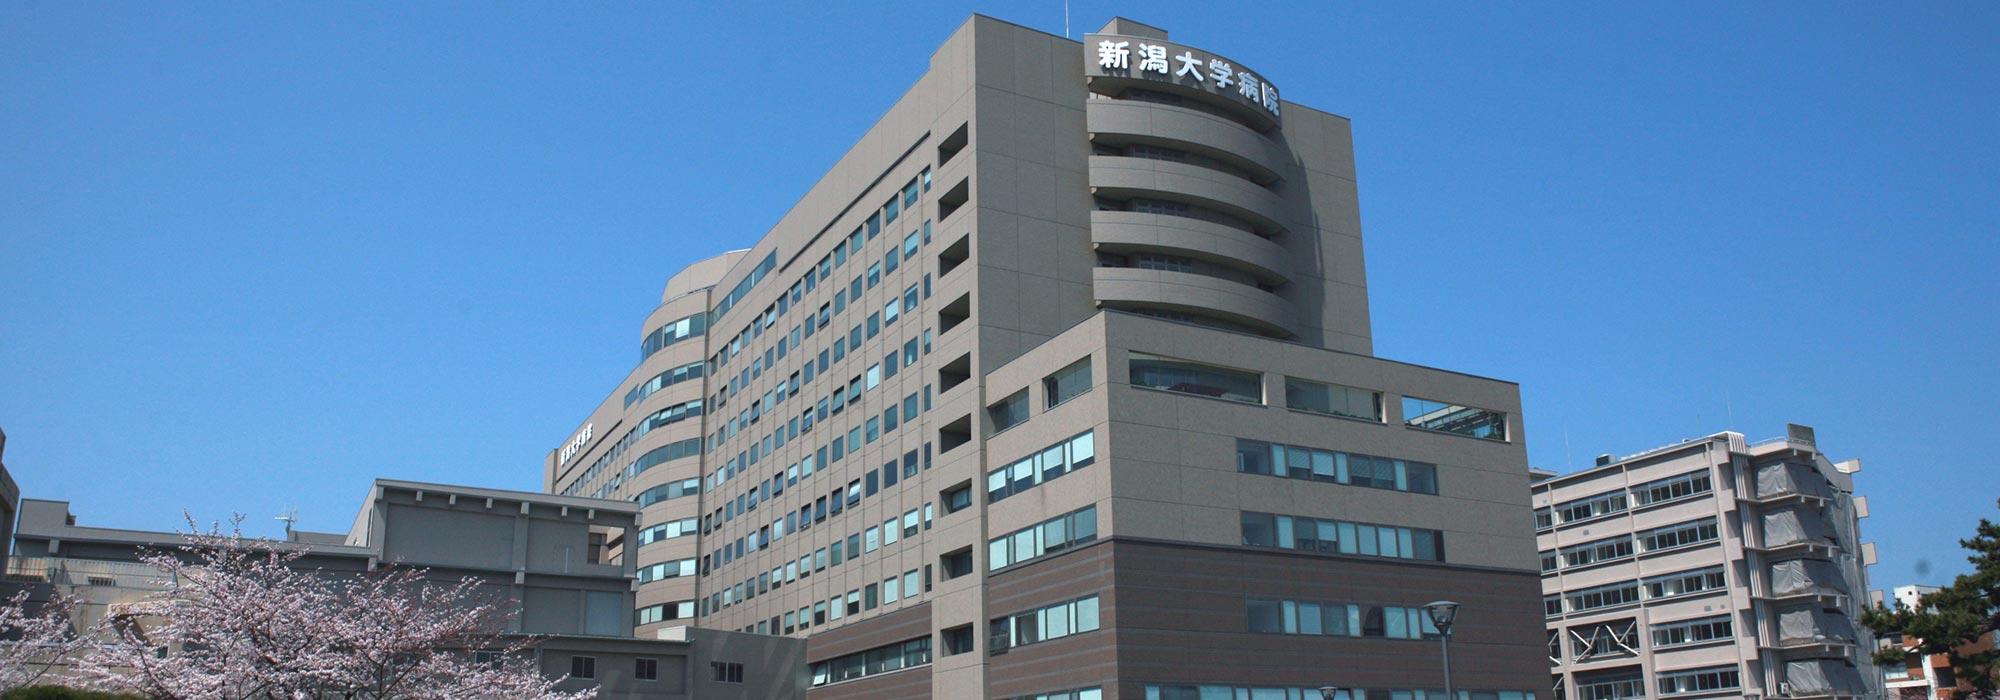 病院 新潟 大学 総合 医 歯学 スタッフ紹介